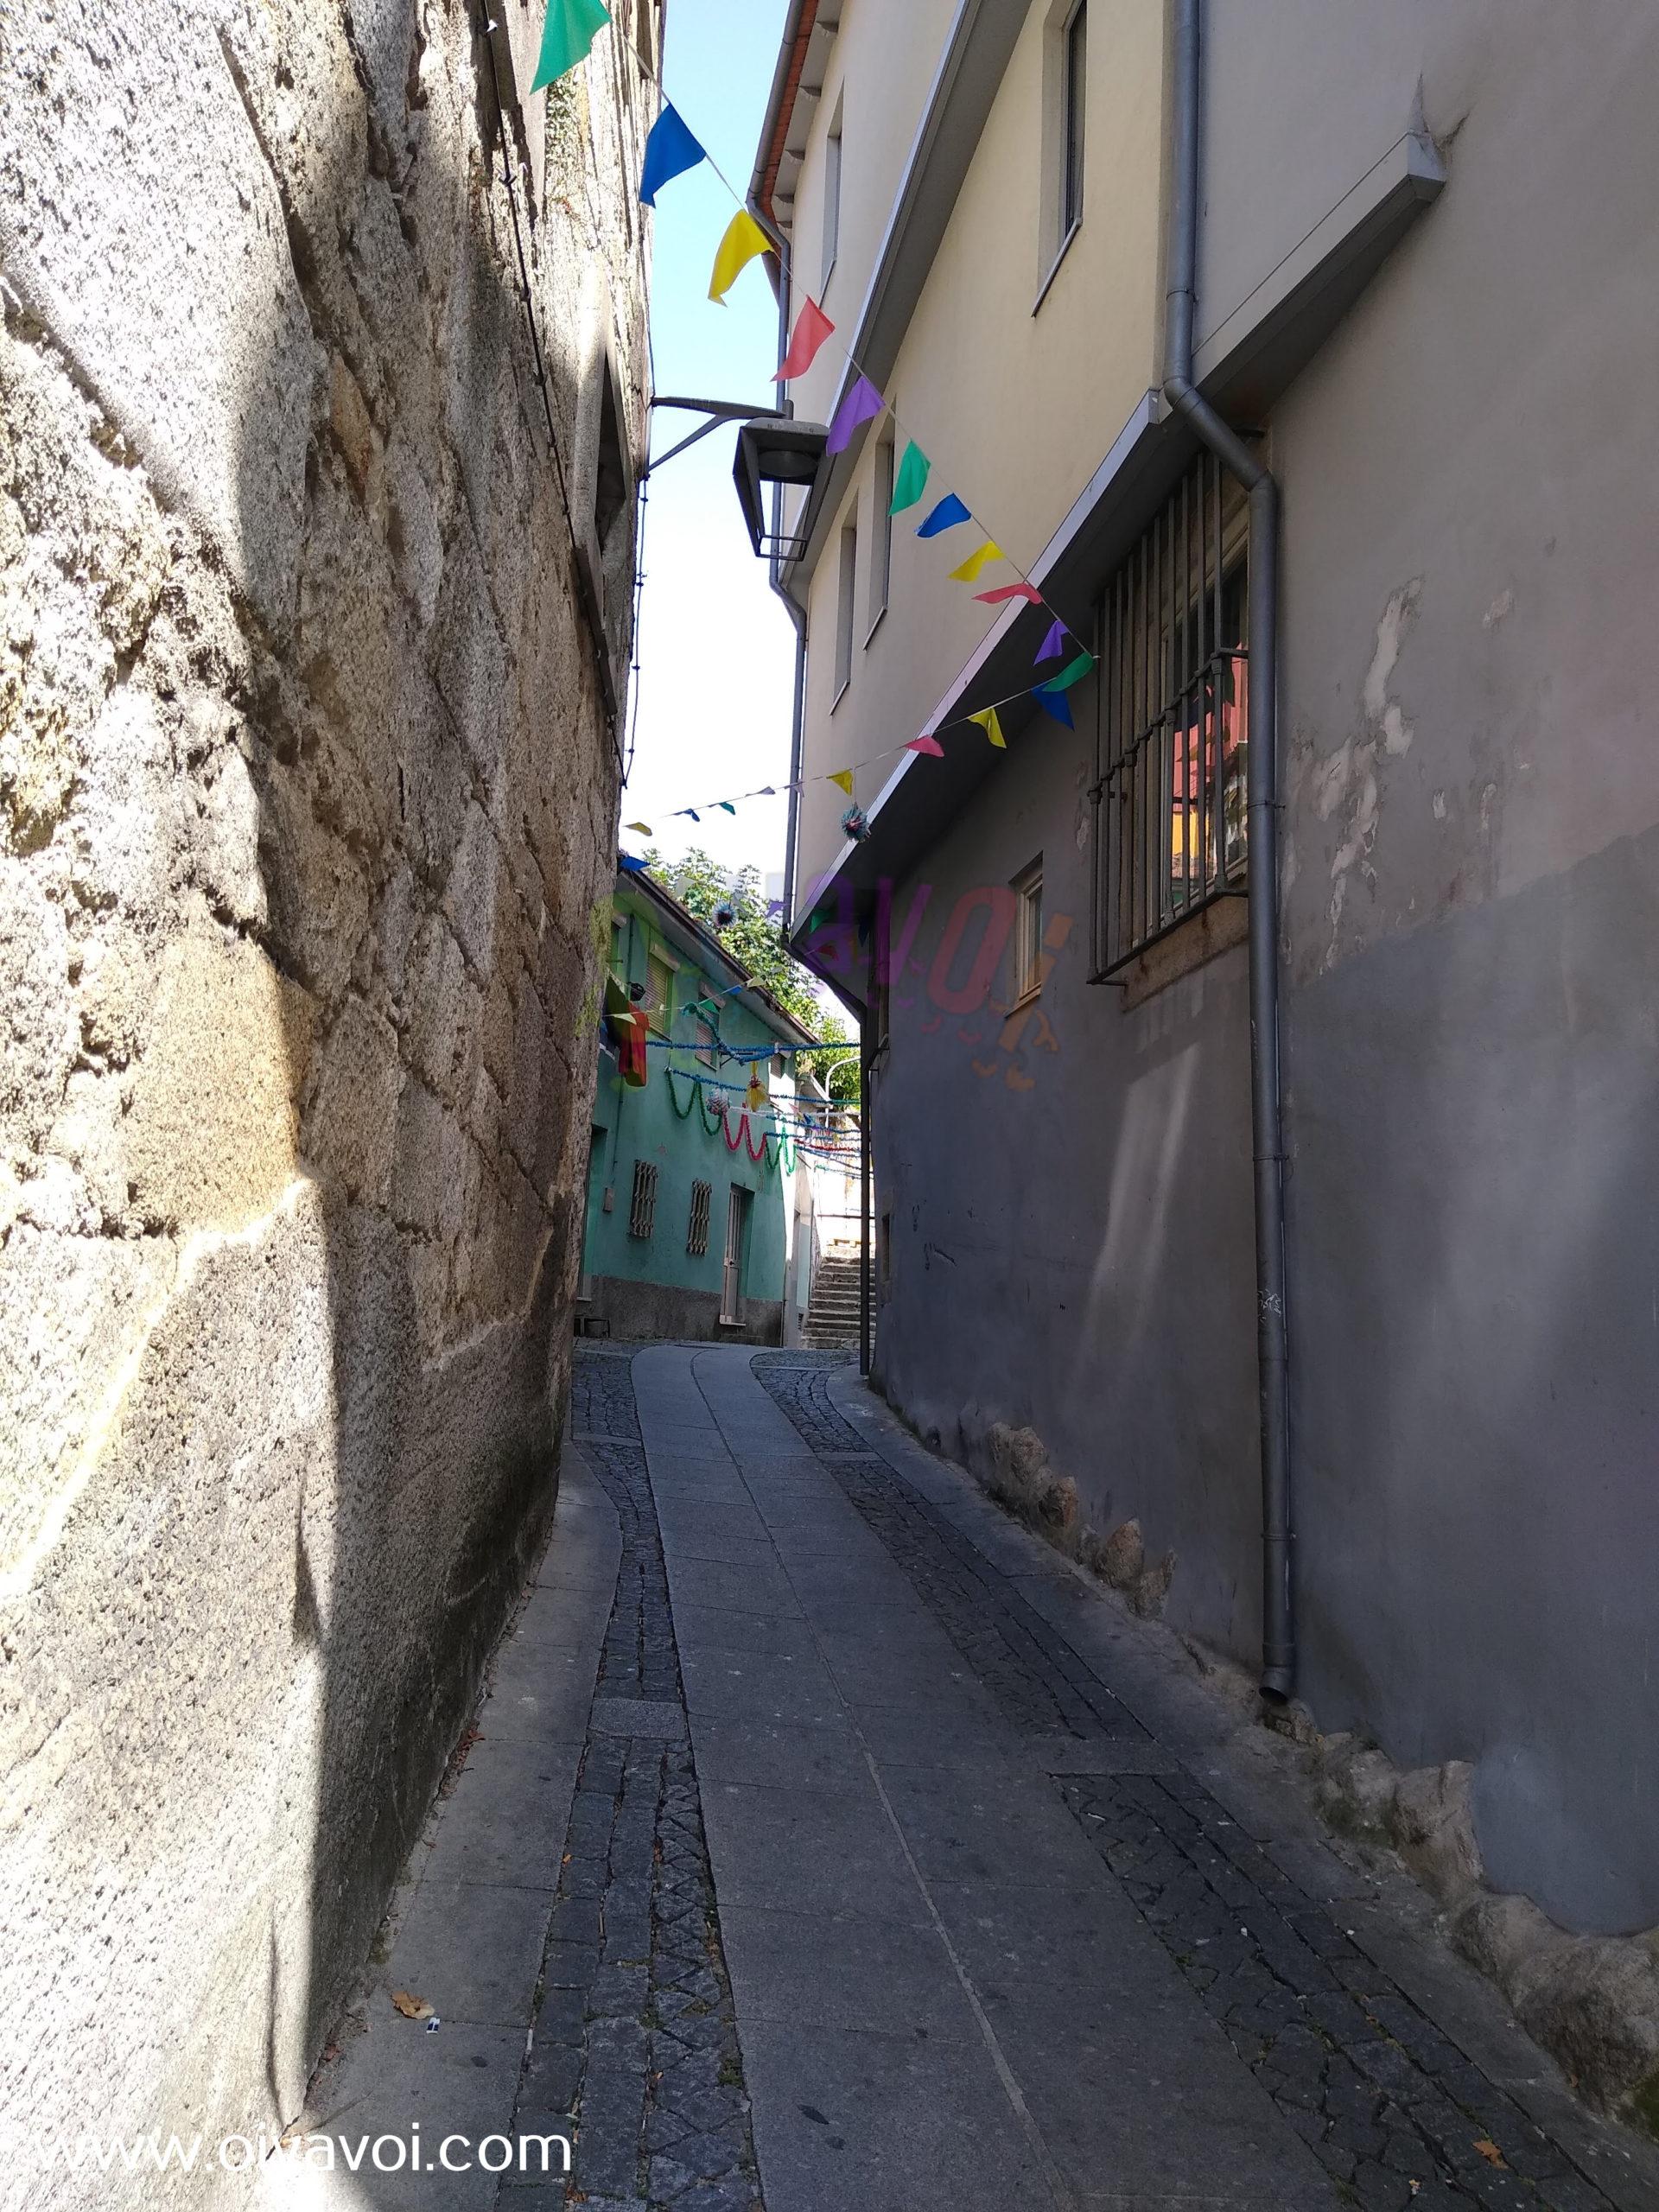 Rua da Vitoria de Oporto